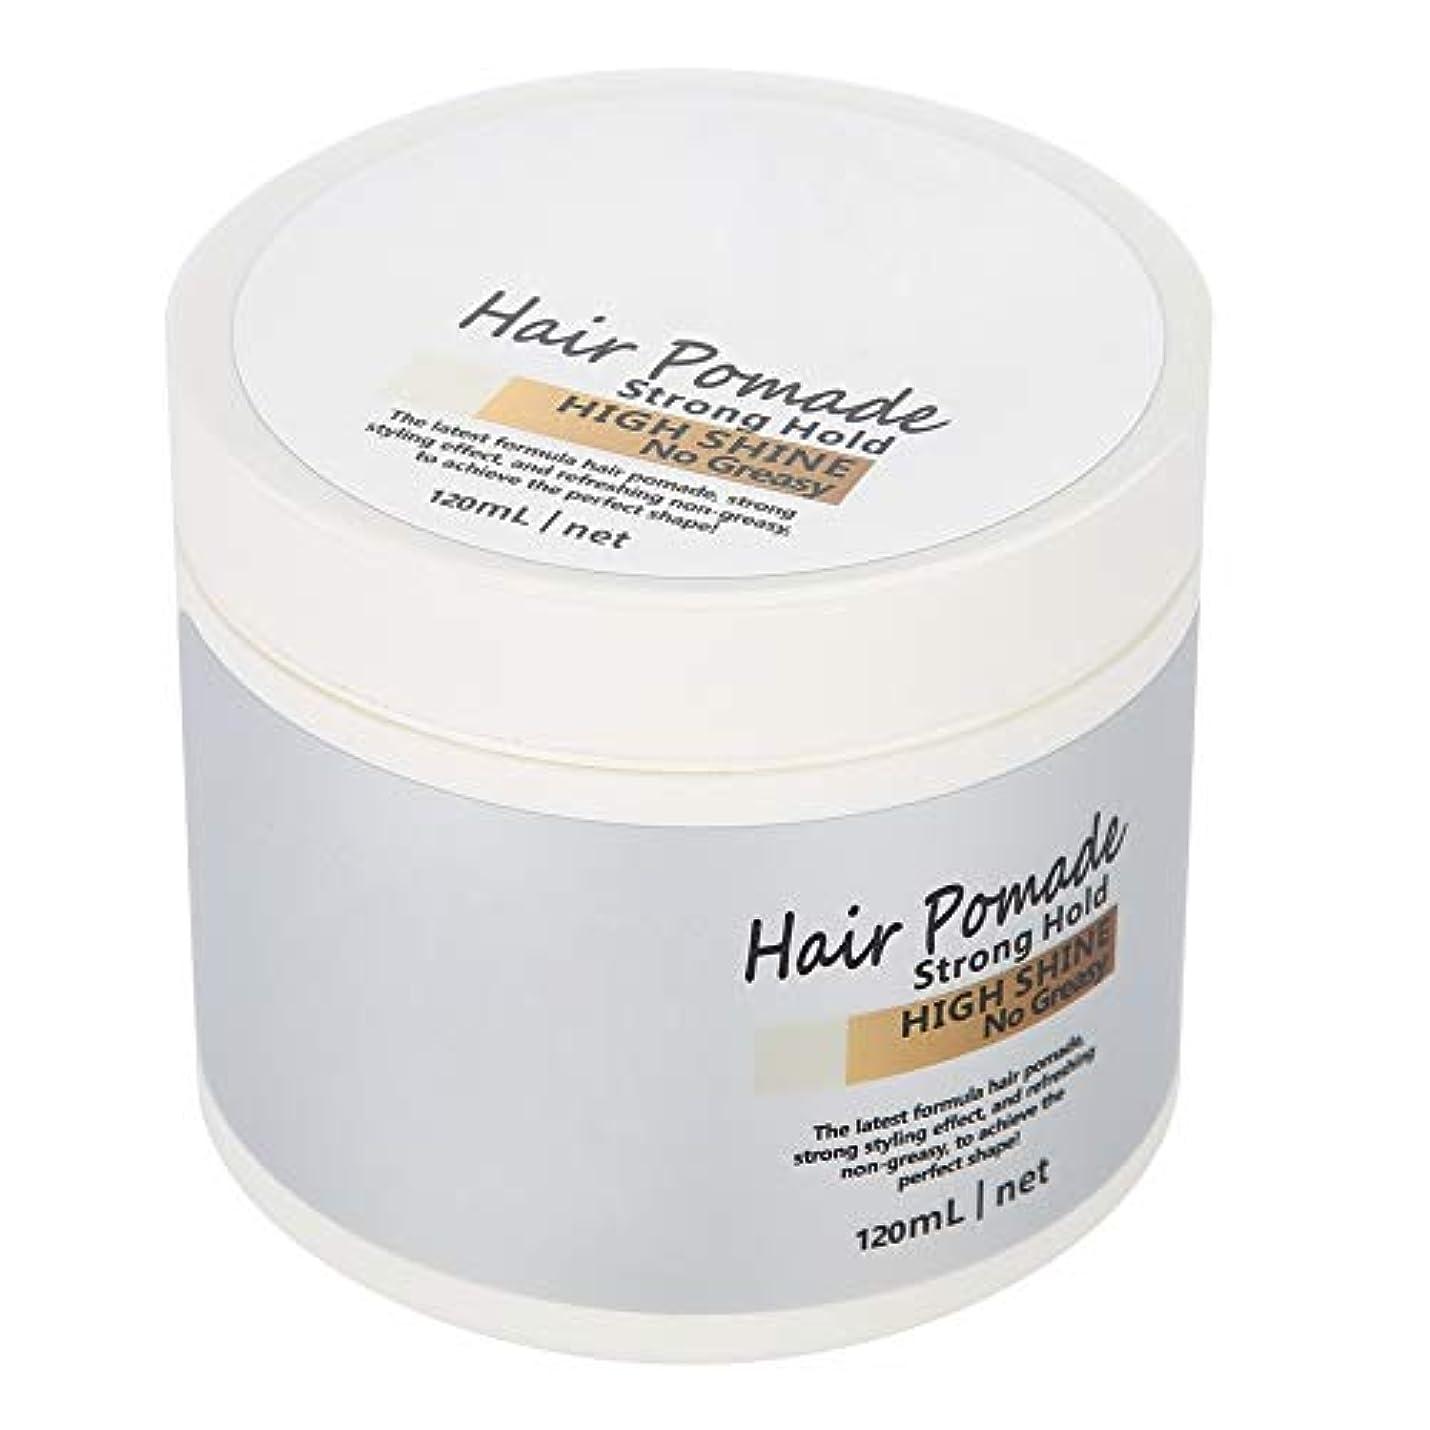 バース混合した思い出ヘアワックス、ファッション男性の光沢のあるヘアスタイリングクレイハイストロングホールドモデリングヘアポマードワックスレトロヘアスタイル120ミリリットルを作成する